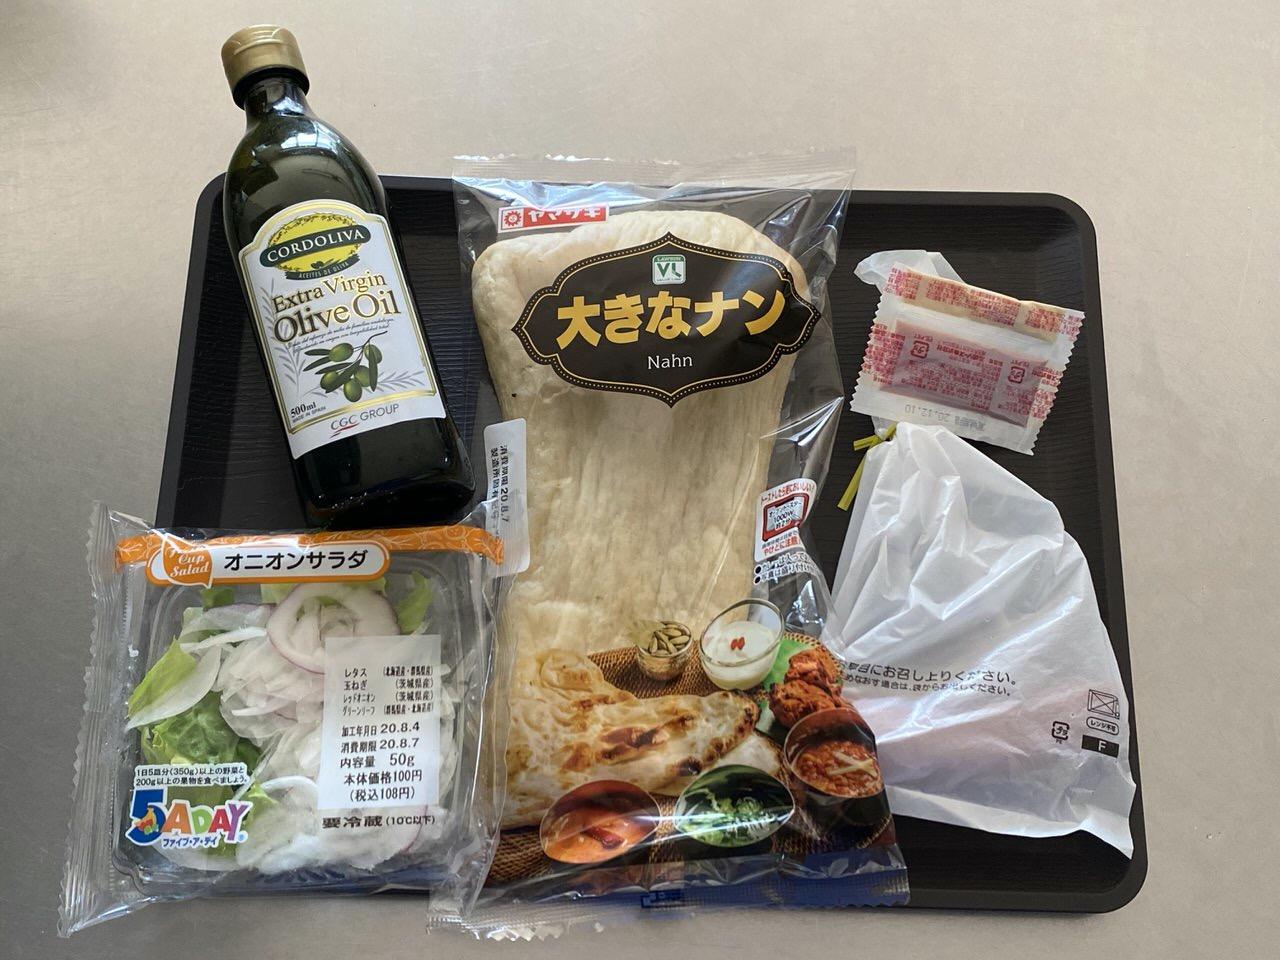 【ローソン100】「大きなナン(通称100円ナン)」14